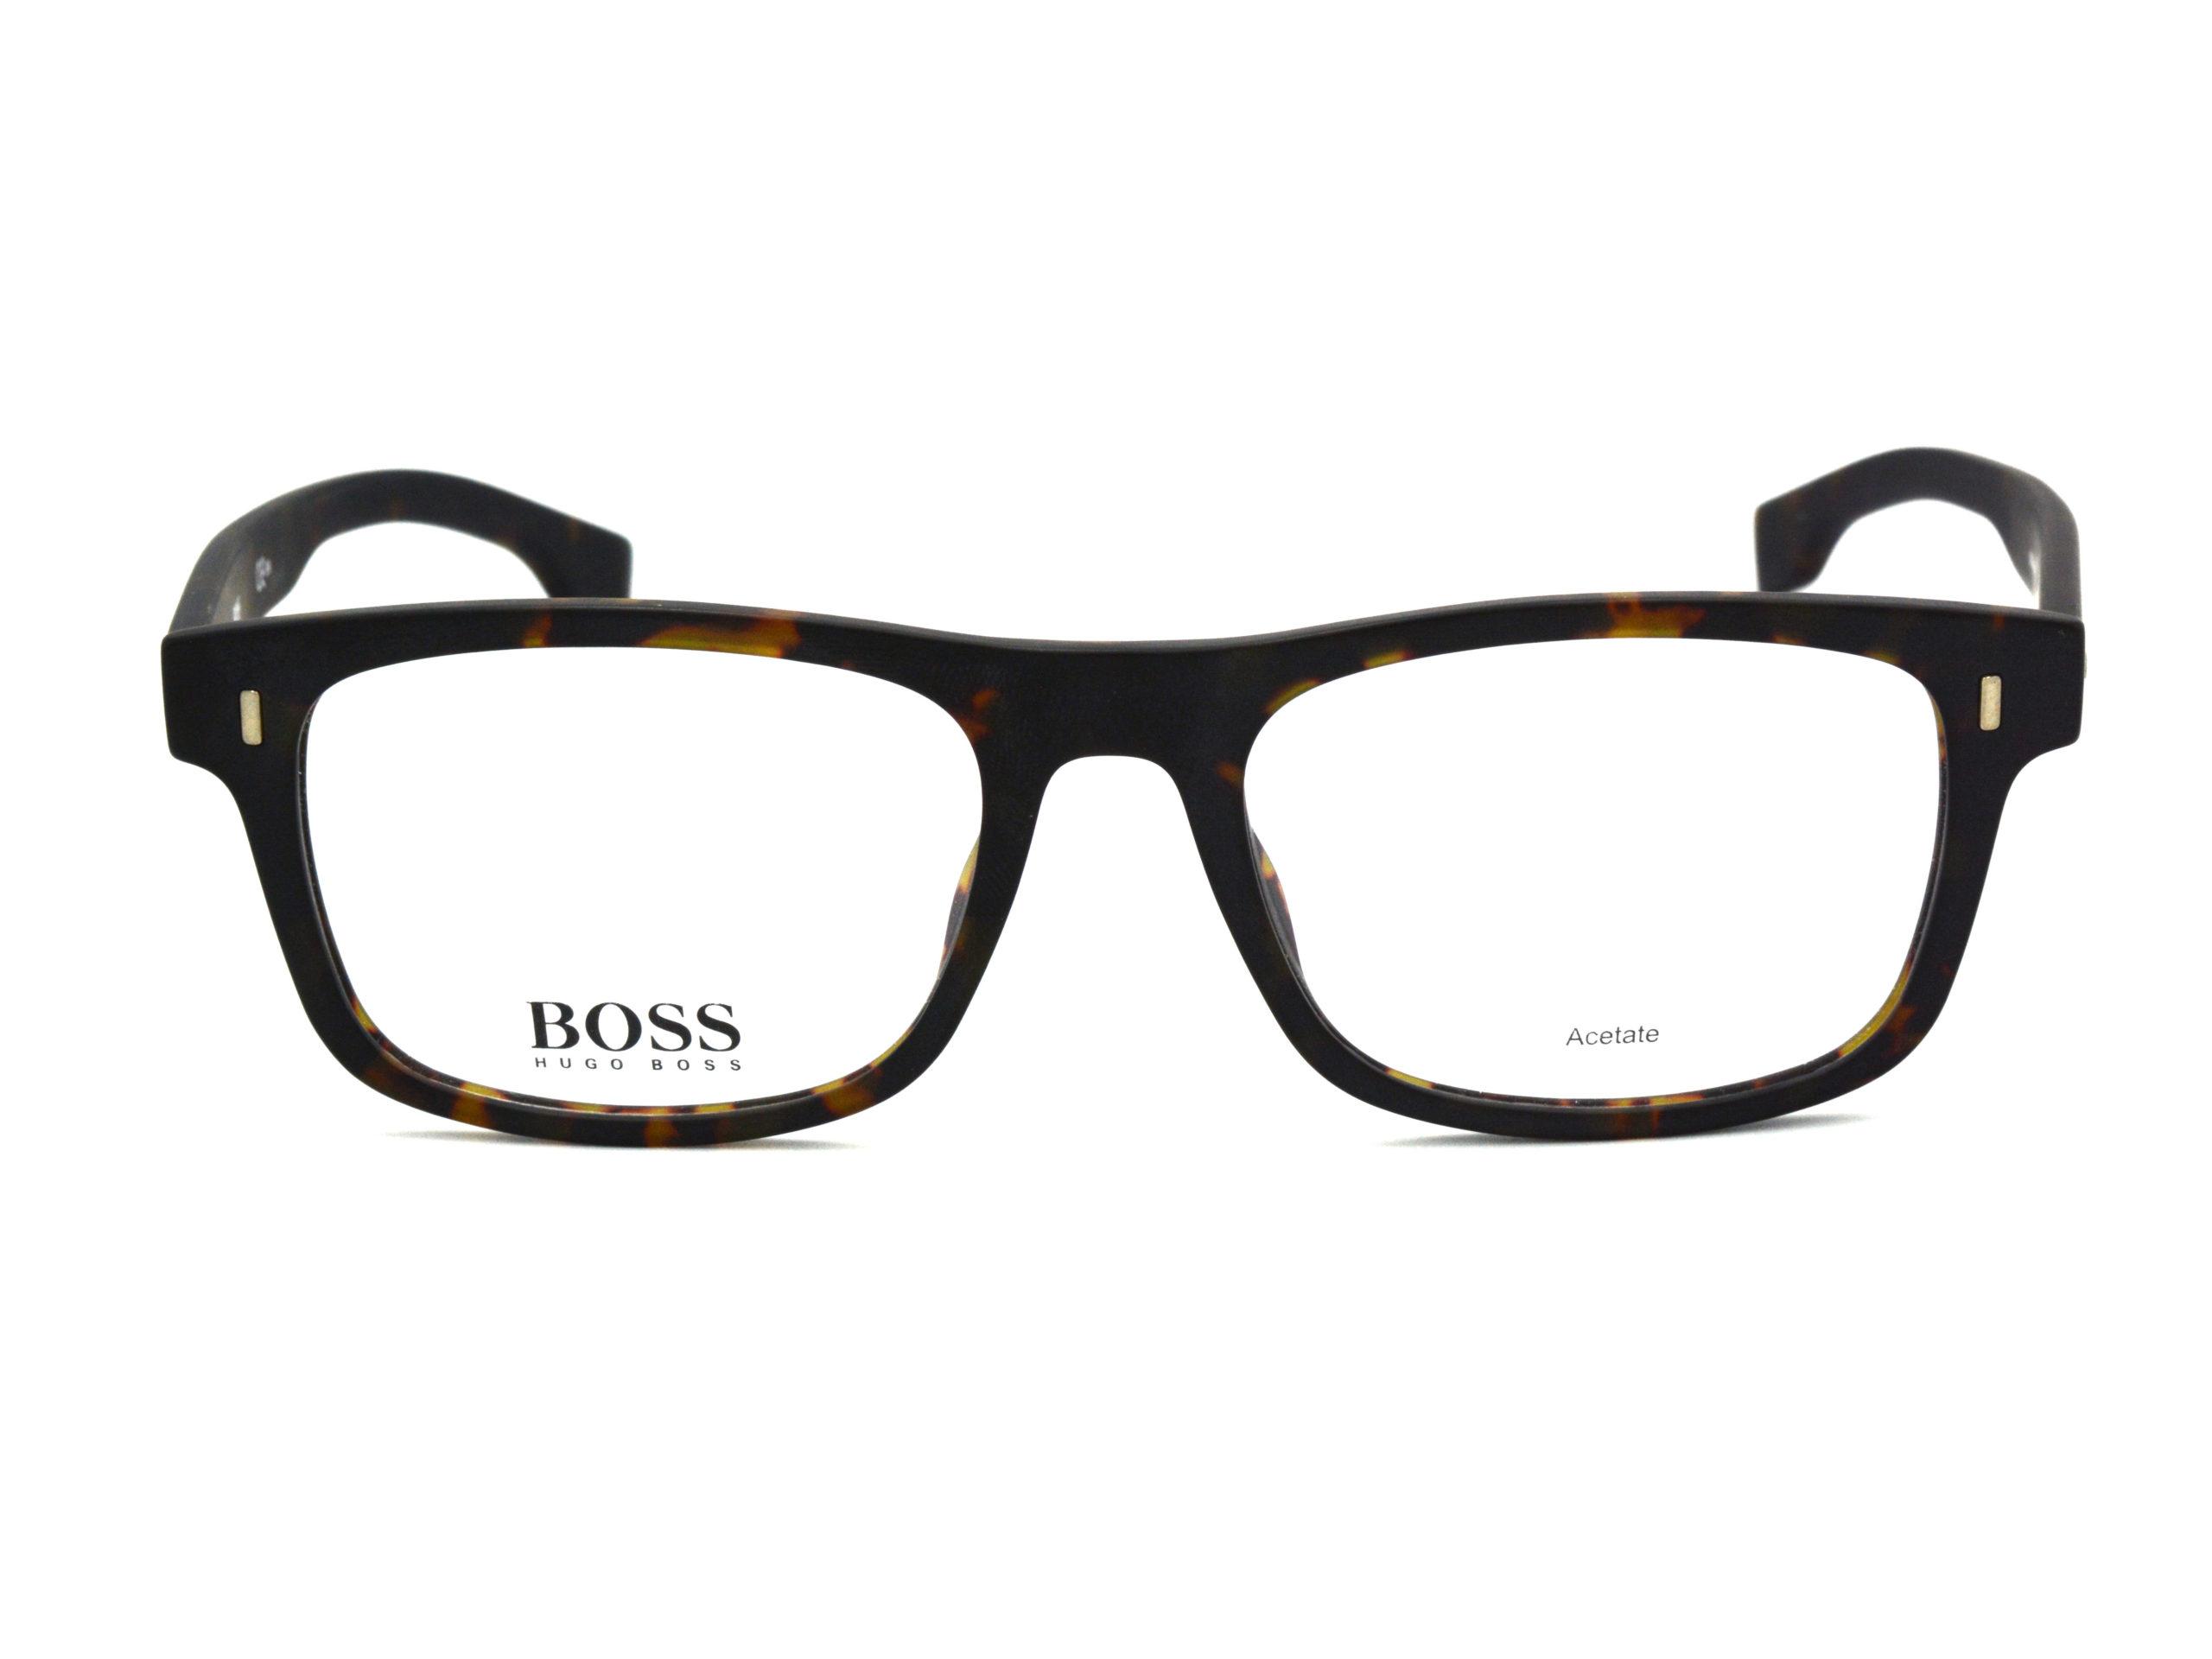 Γυαλιά οράσεως HUGO BOSS 0928 HGC 145 Πειραιάς